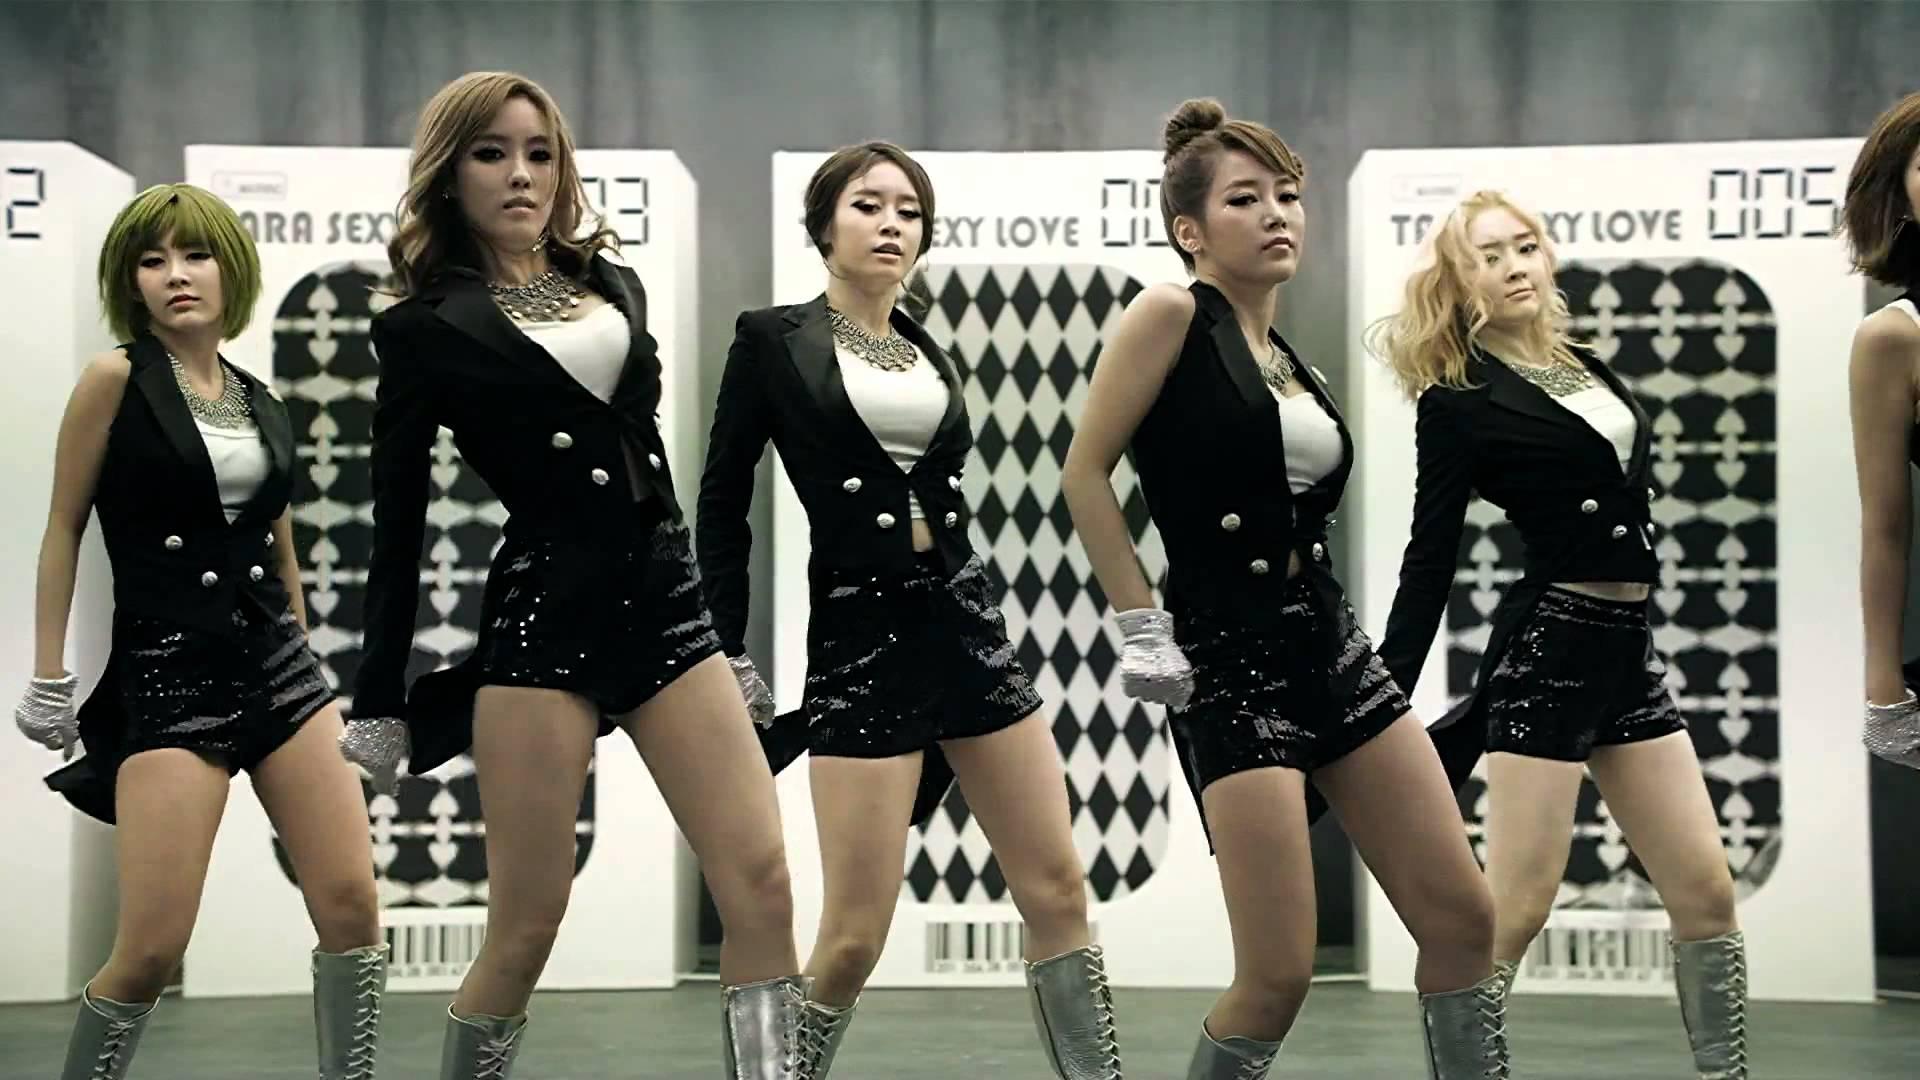 Tara korean group sexy love lyrics